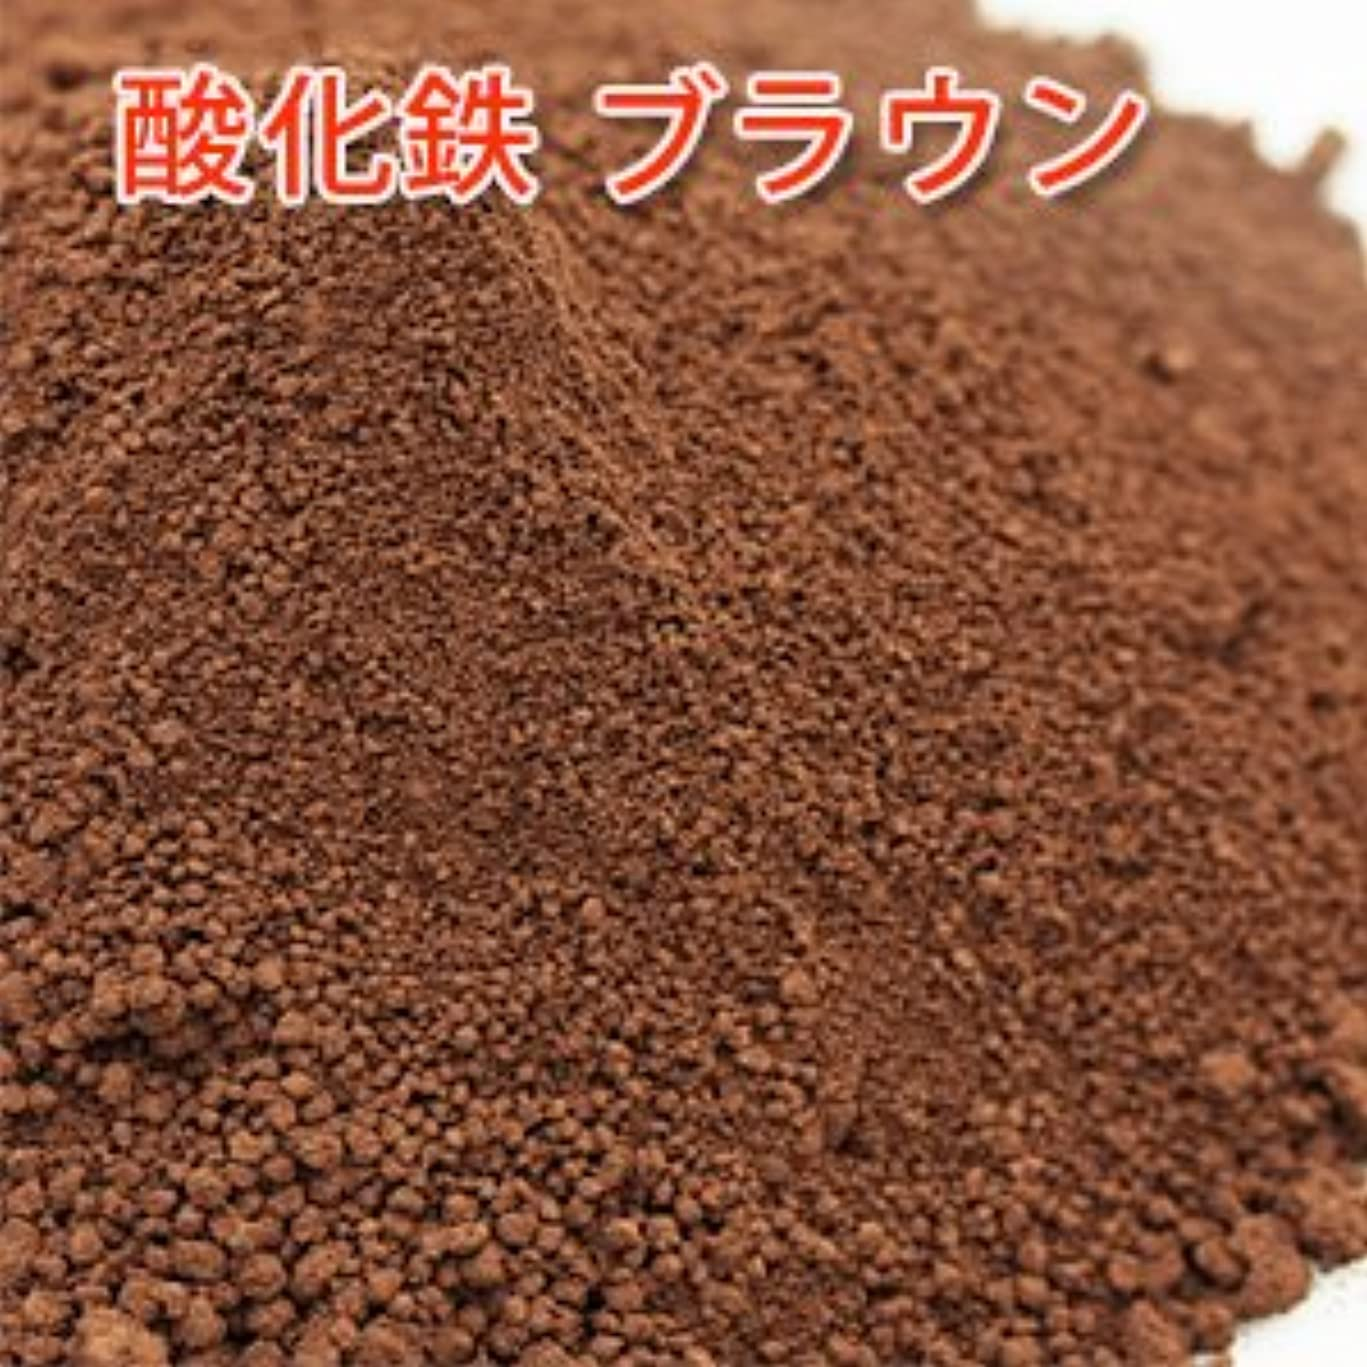 絶対に家事カリキュラム酸化鉄 ブラウン 5g 【手作り石鹸/手作りコスメ/色付け/カラーラント/茶】